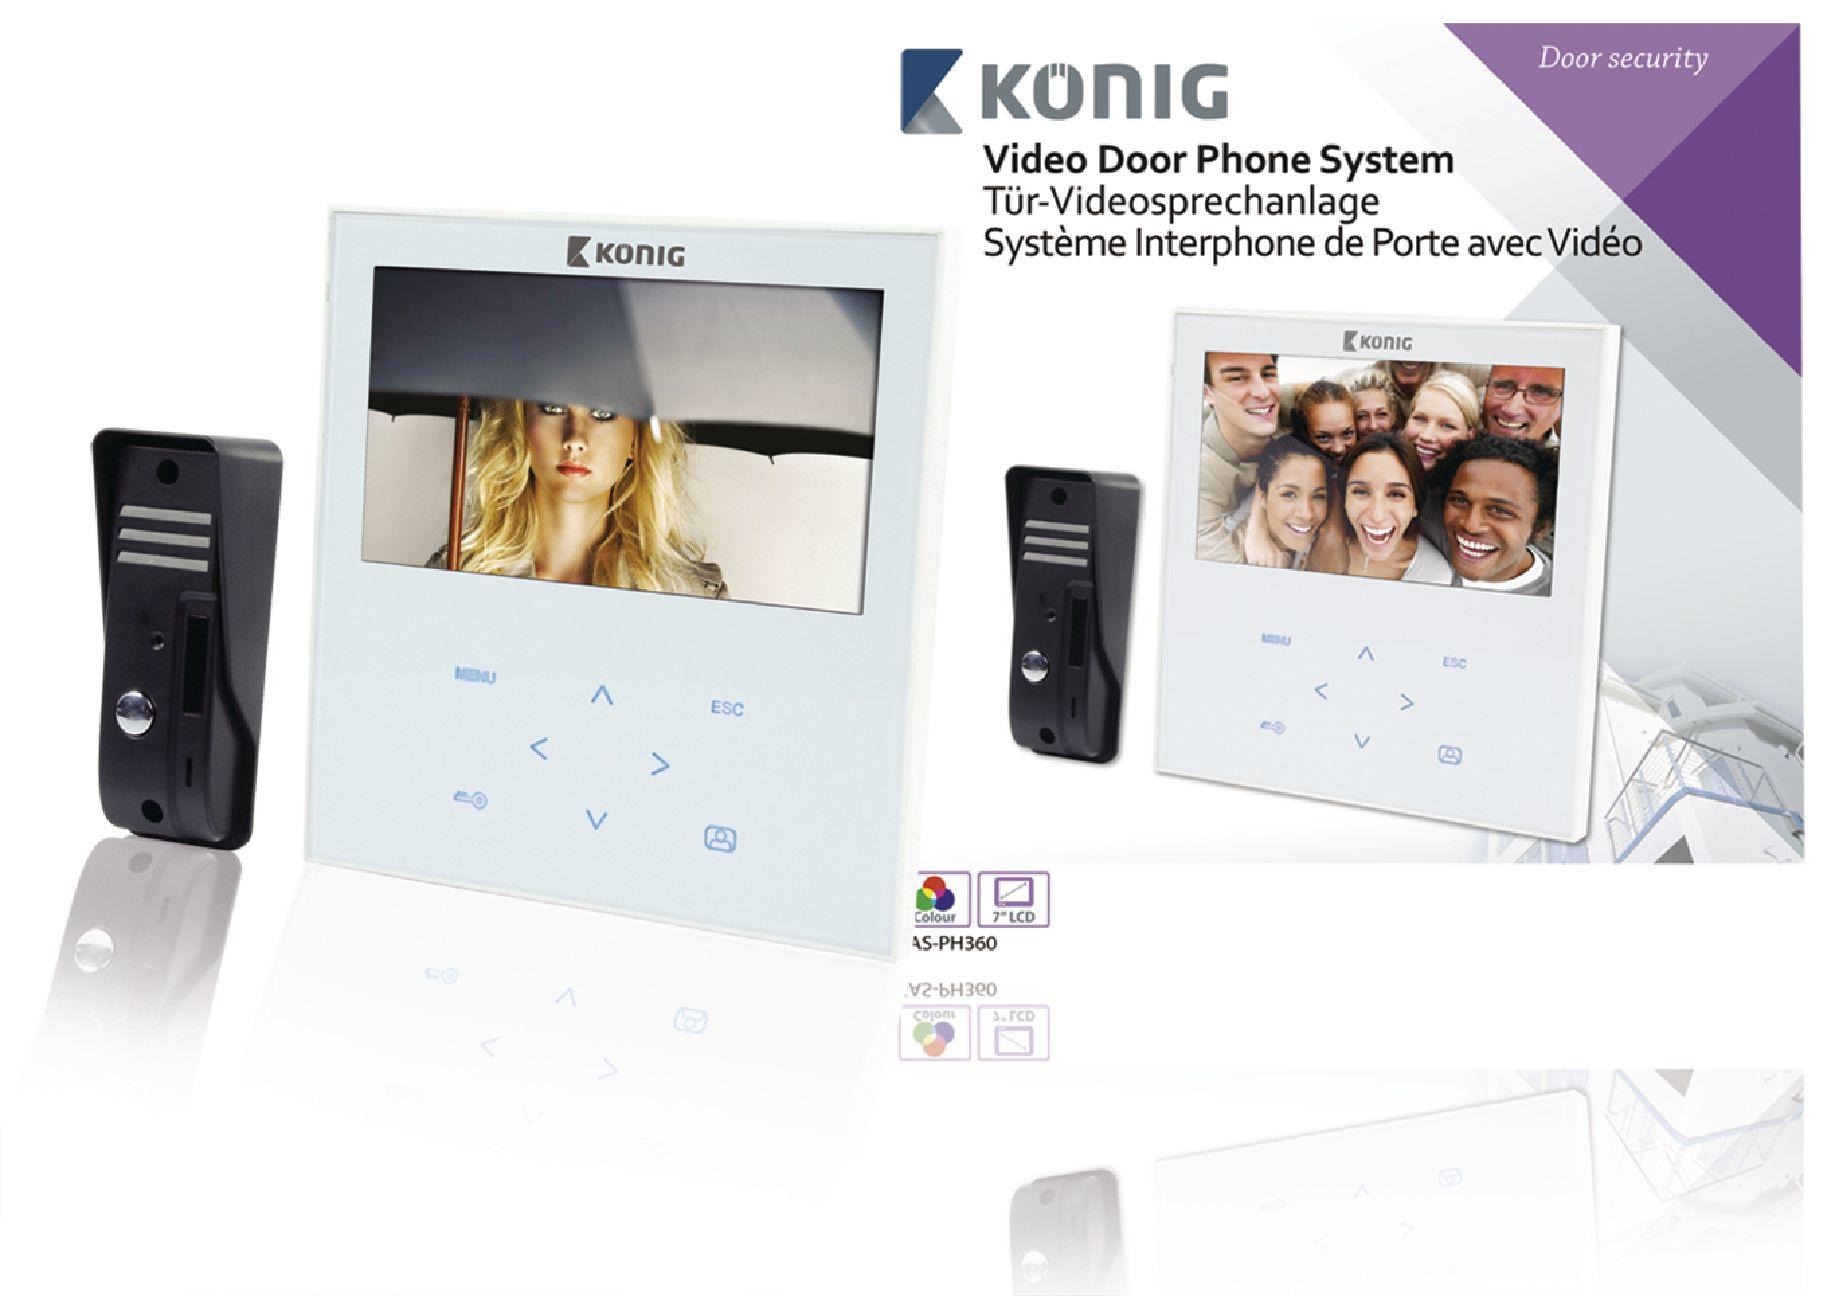 König SAS-PH360 Tür-Videosprechanlage für 154,99 Euro